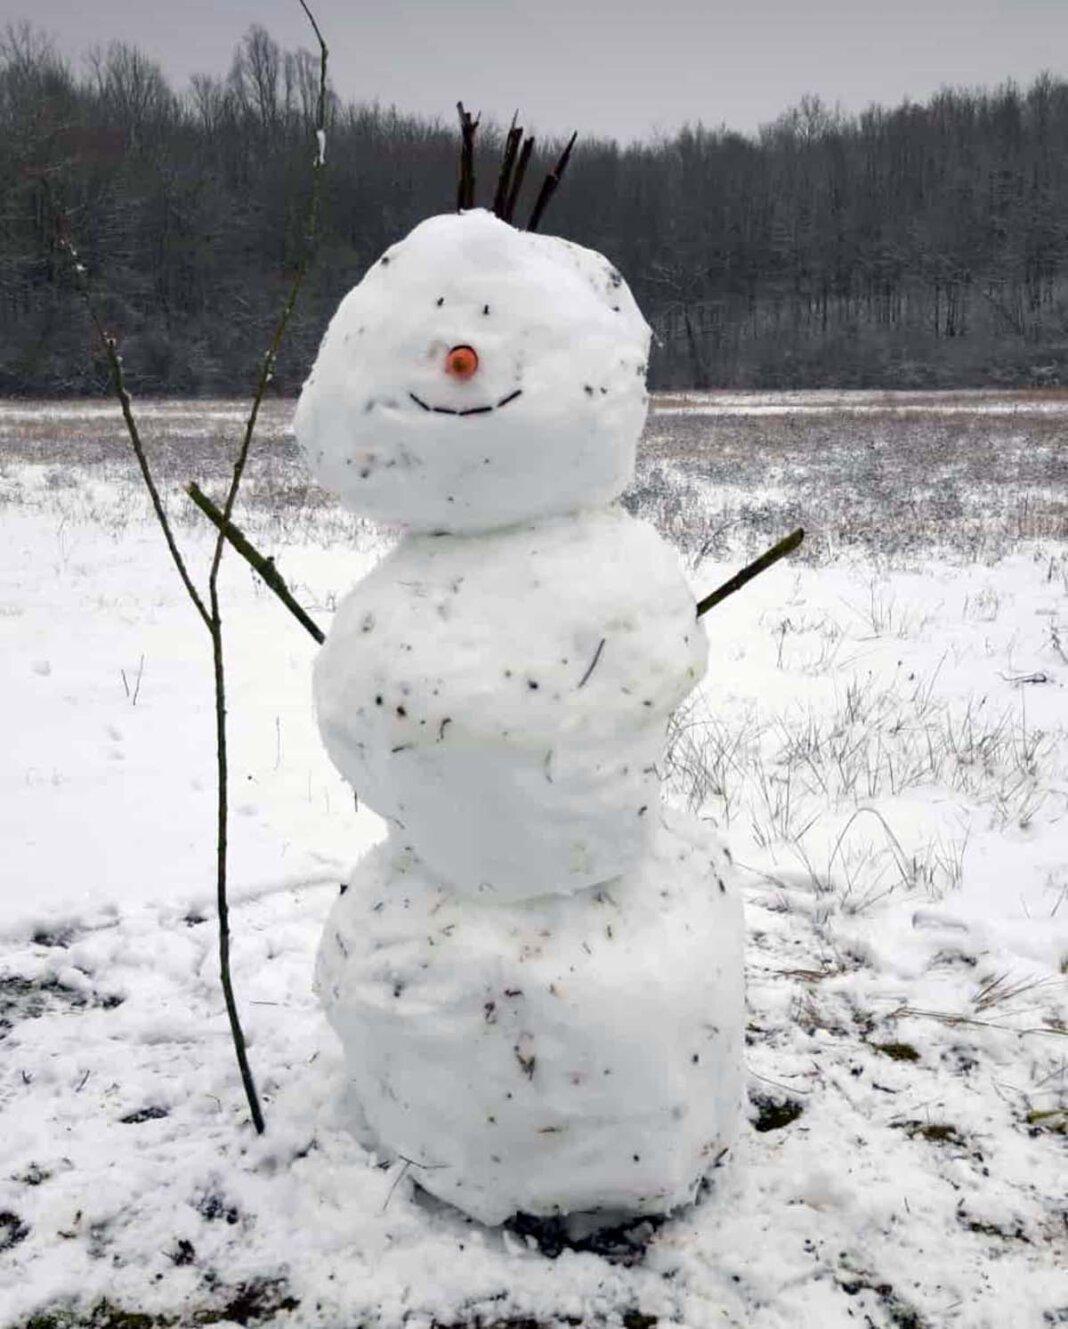 Schneemänner waren an diesem verschneiten Sonntag kurzzeitig sehr angesagt. Foto: Temme